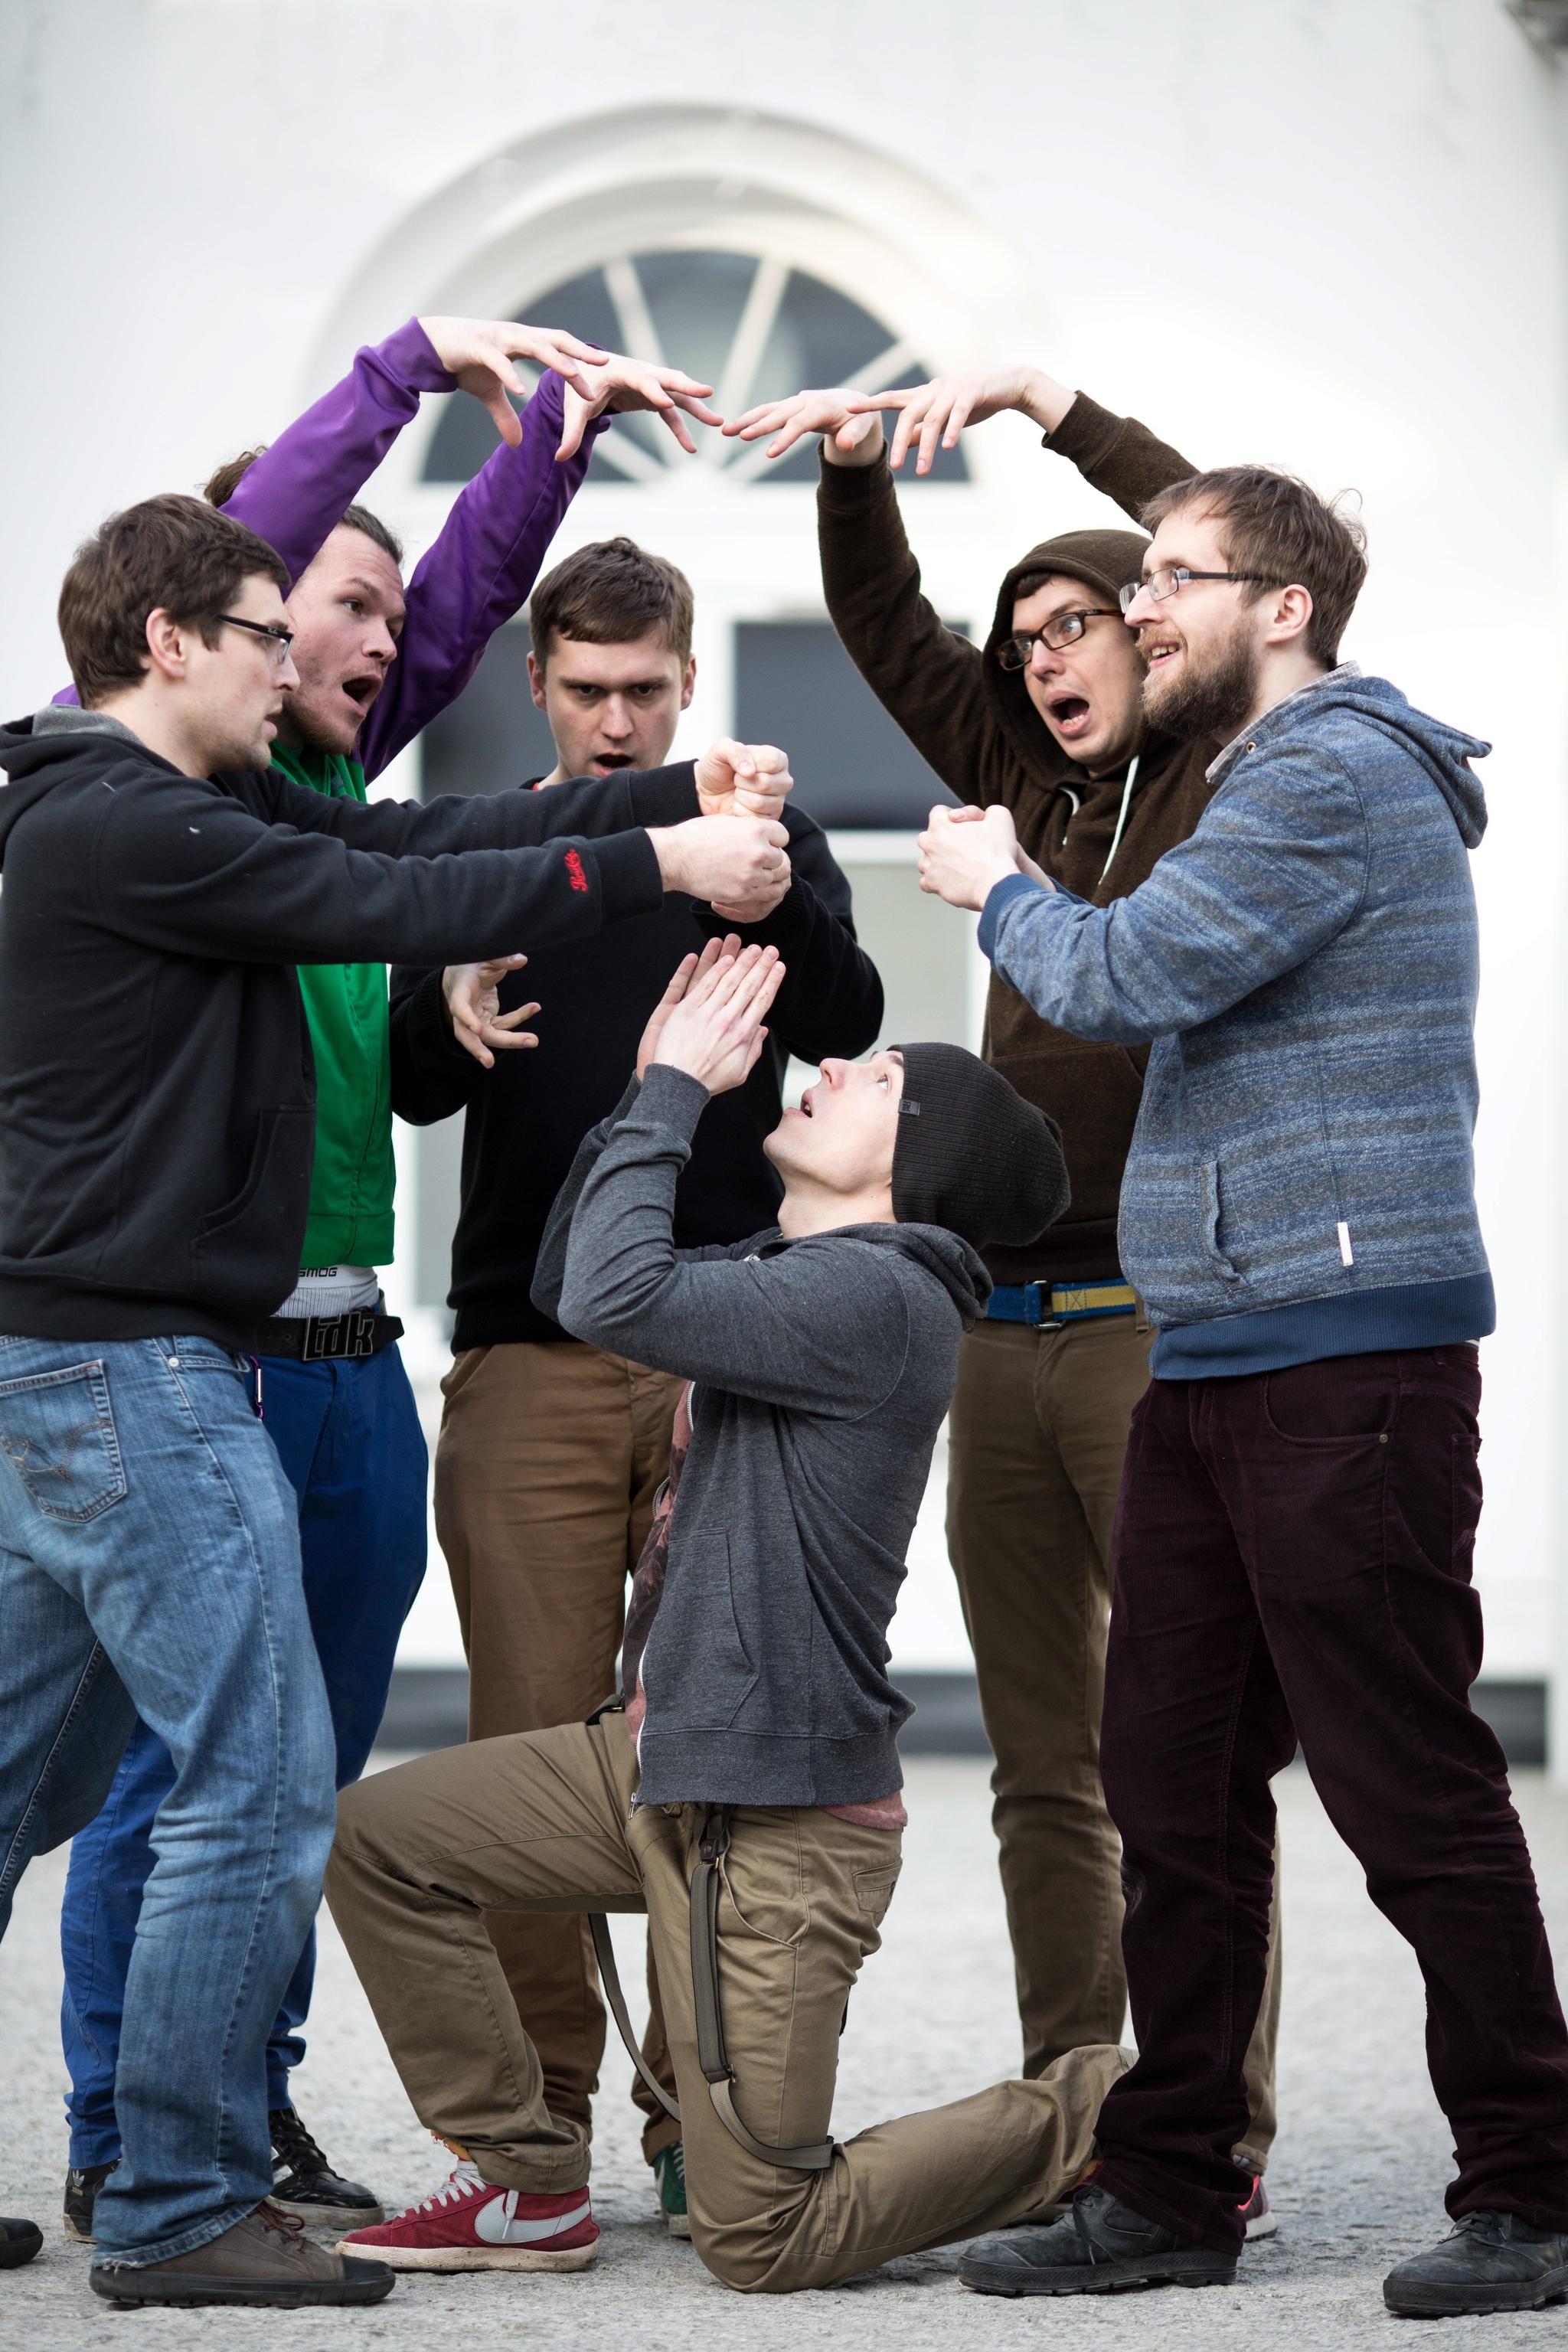 Aktorzy Teatru Improwizowanego Klancyk (fot. Bartosz Bobkowski/Agencja Gazeta)